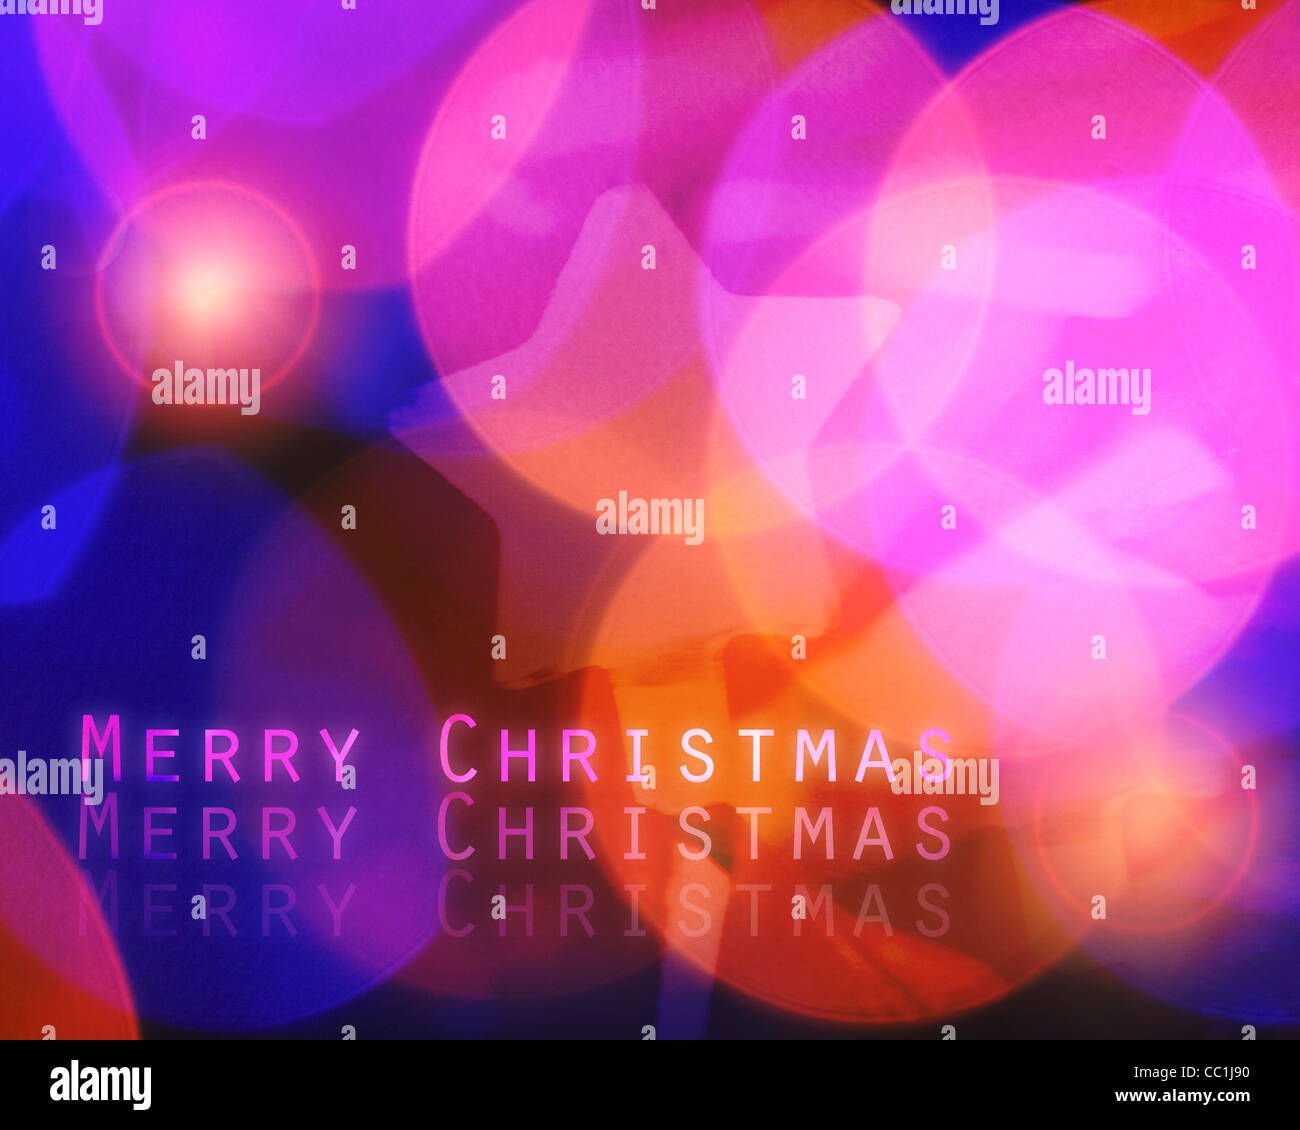 Weihnachten-Konzept: Frohe Weihnachten Stockbild